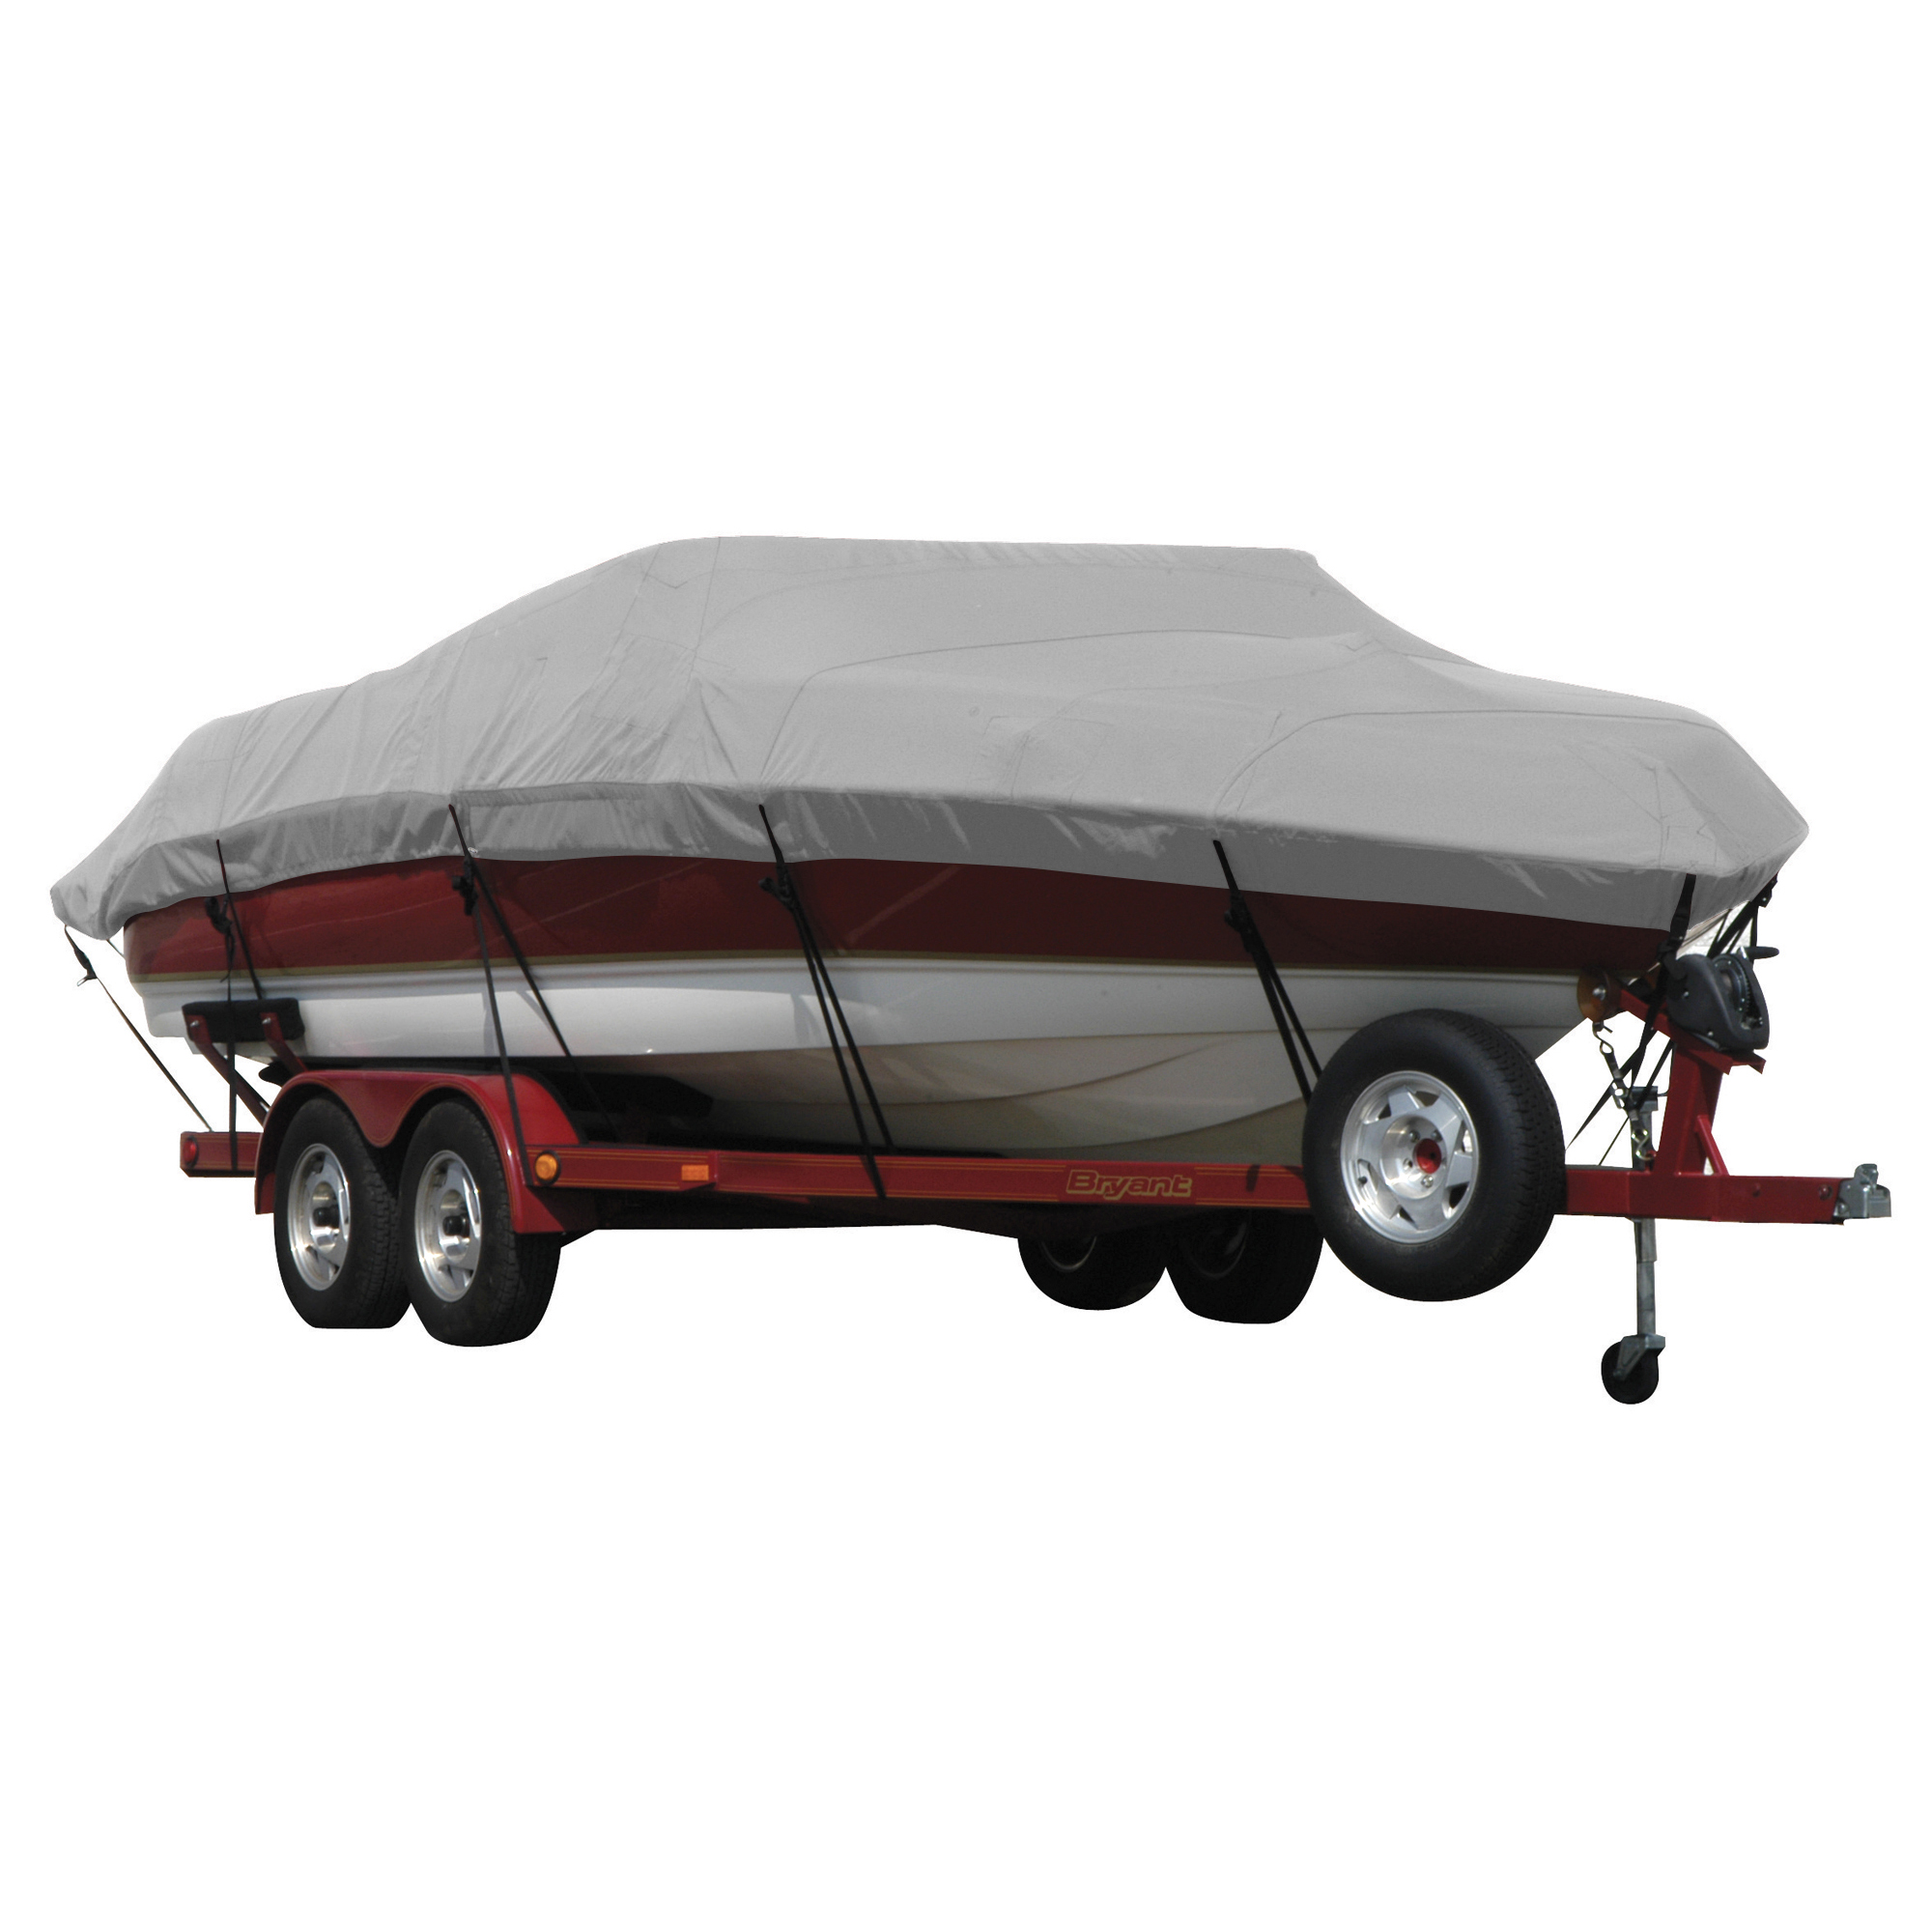 Exact Fit Covermate Sunbrella Boat Cover for Princecraft Super Pro 176 Super Pro 176 Fish N Promenade W/Ski Rope Guard O/B. Gray